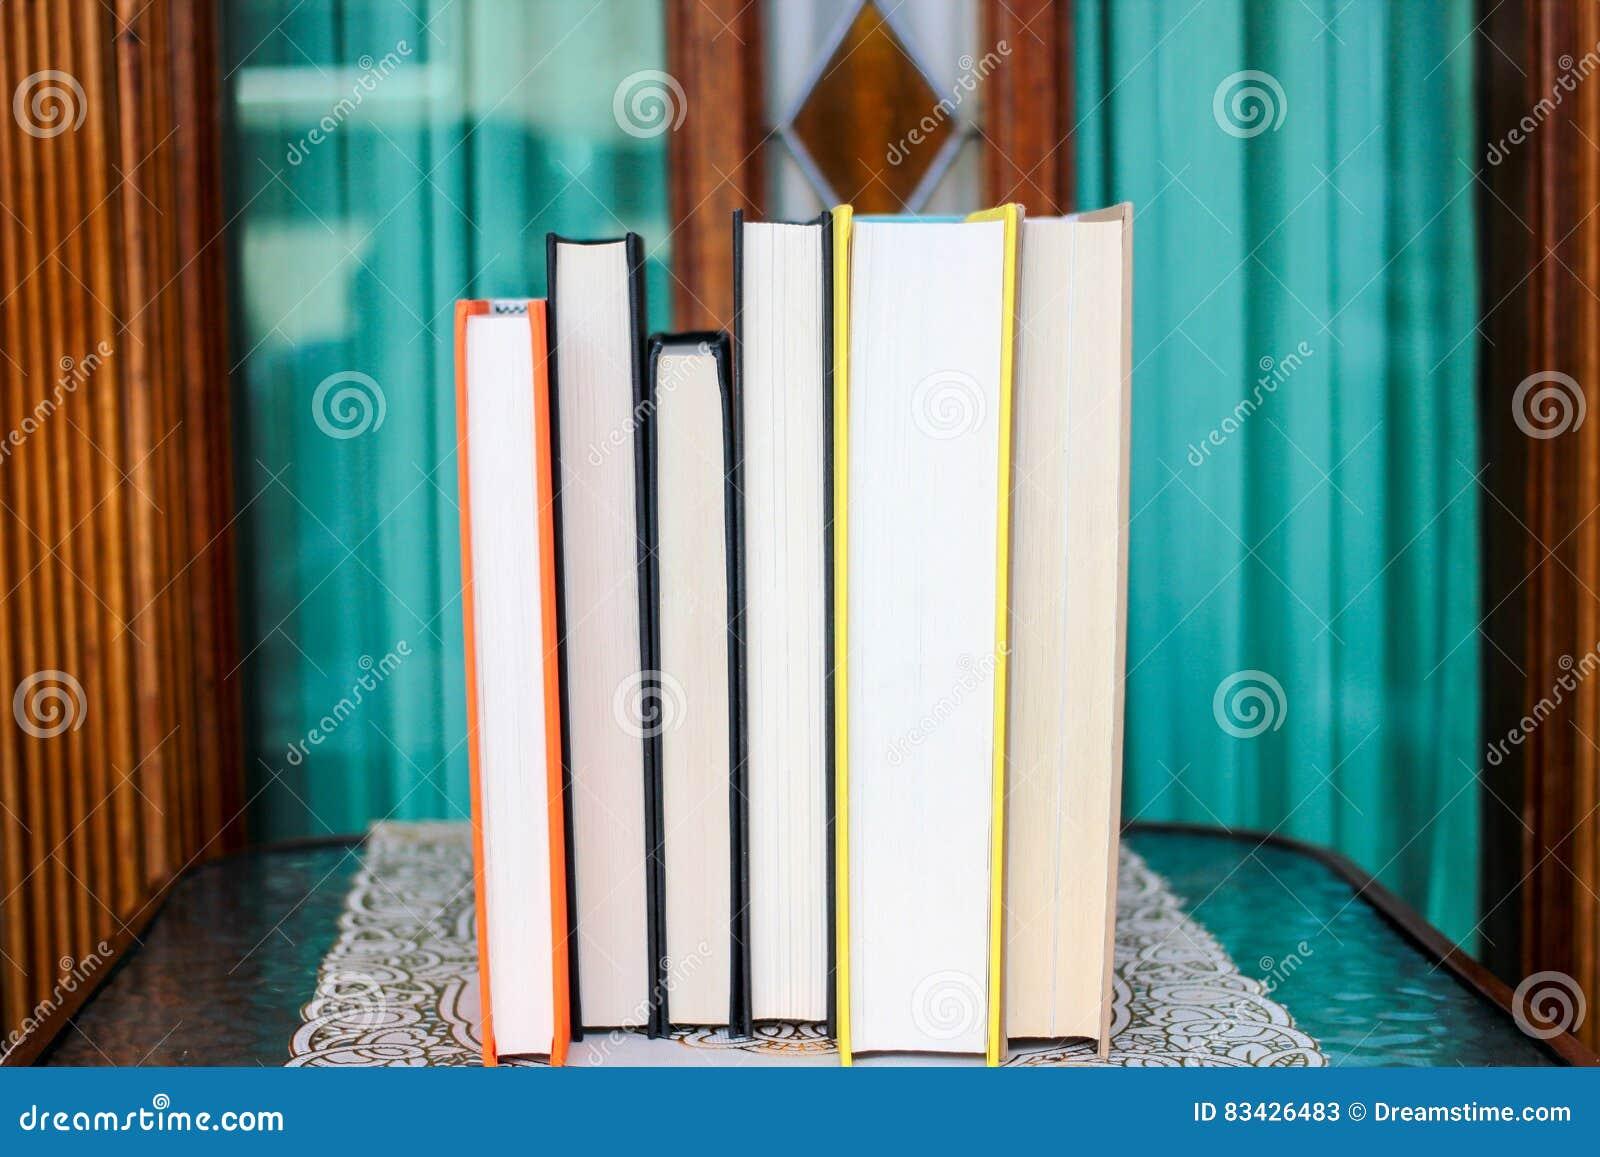 Книги, котор нужно прочитать